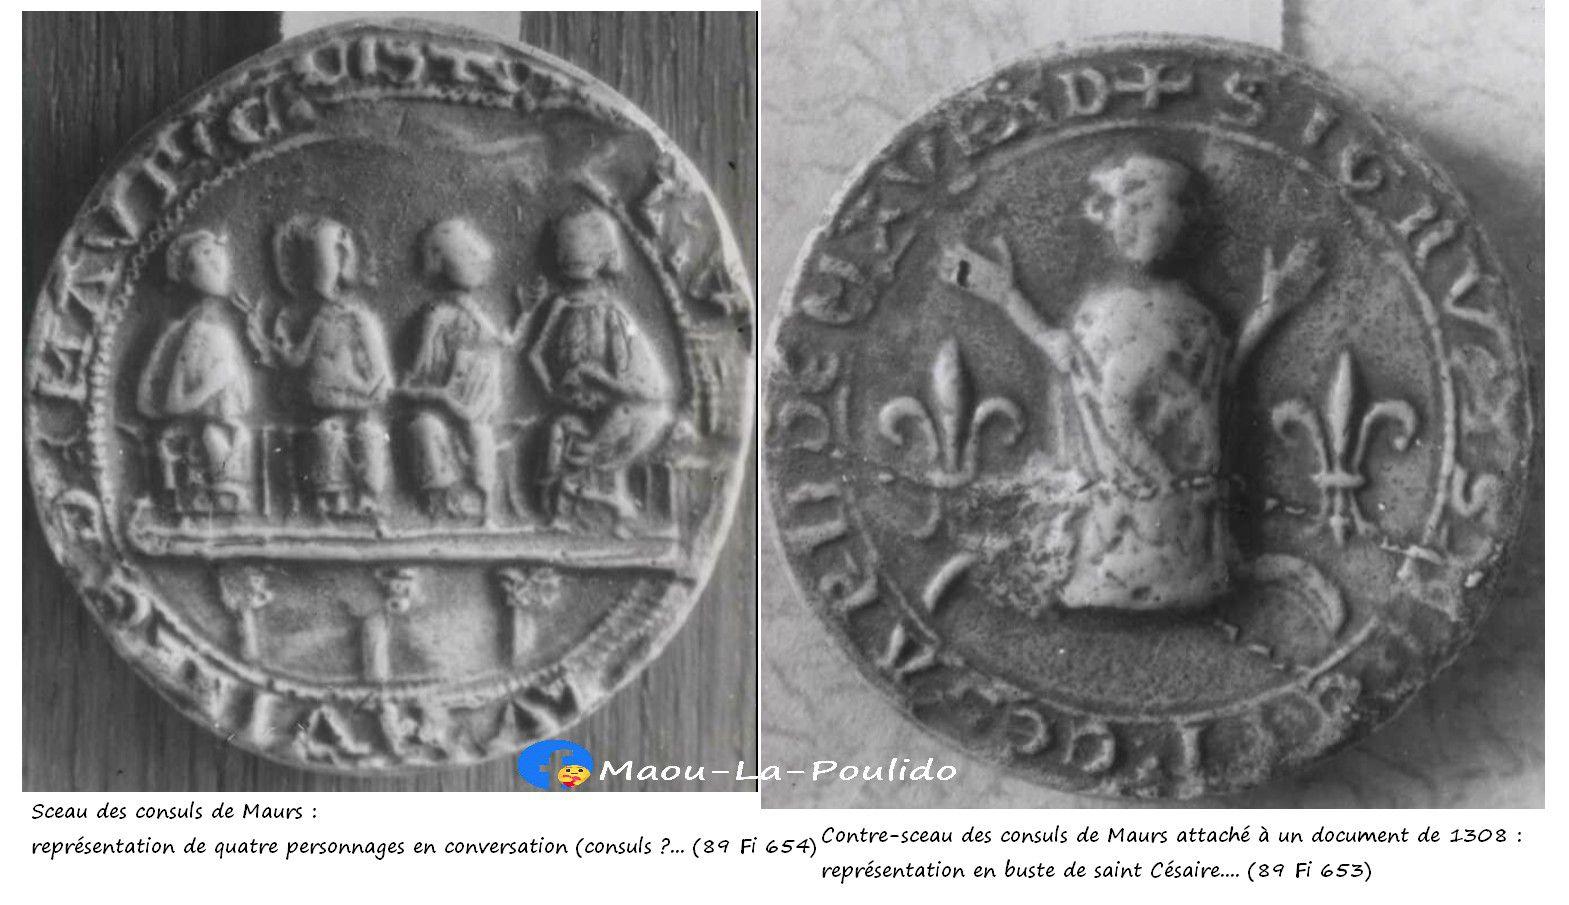 Sceau de l'abbé de Maurs représentant St Césaire en 1308